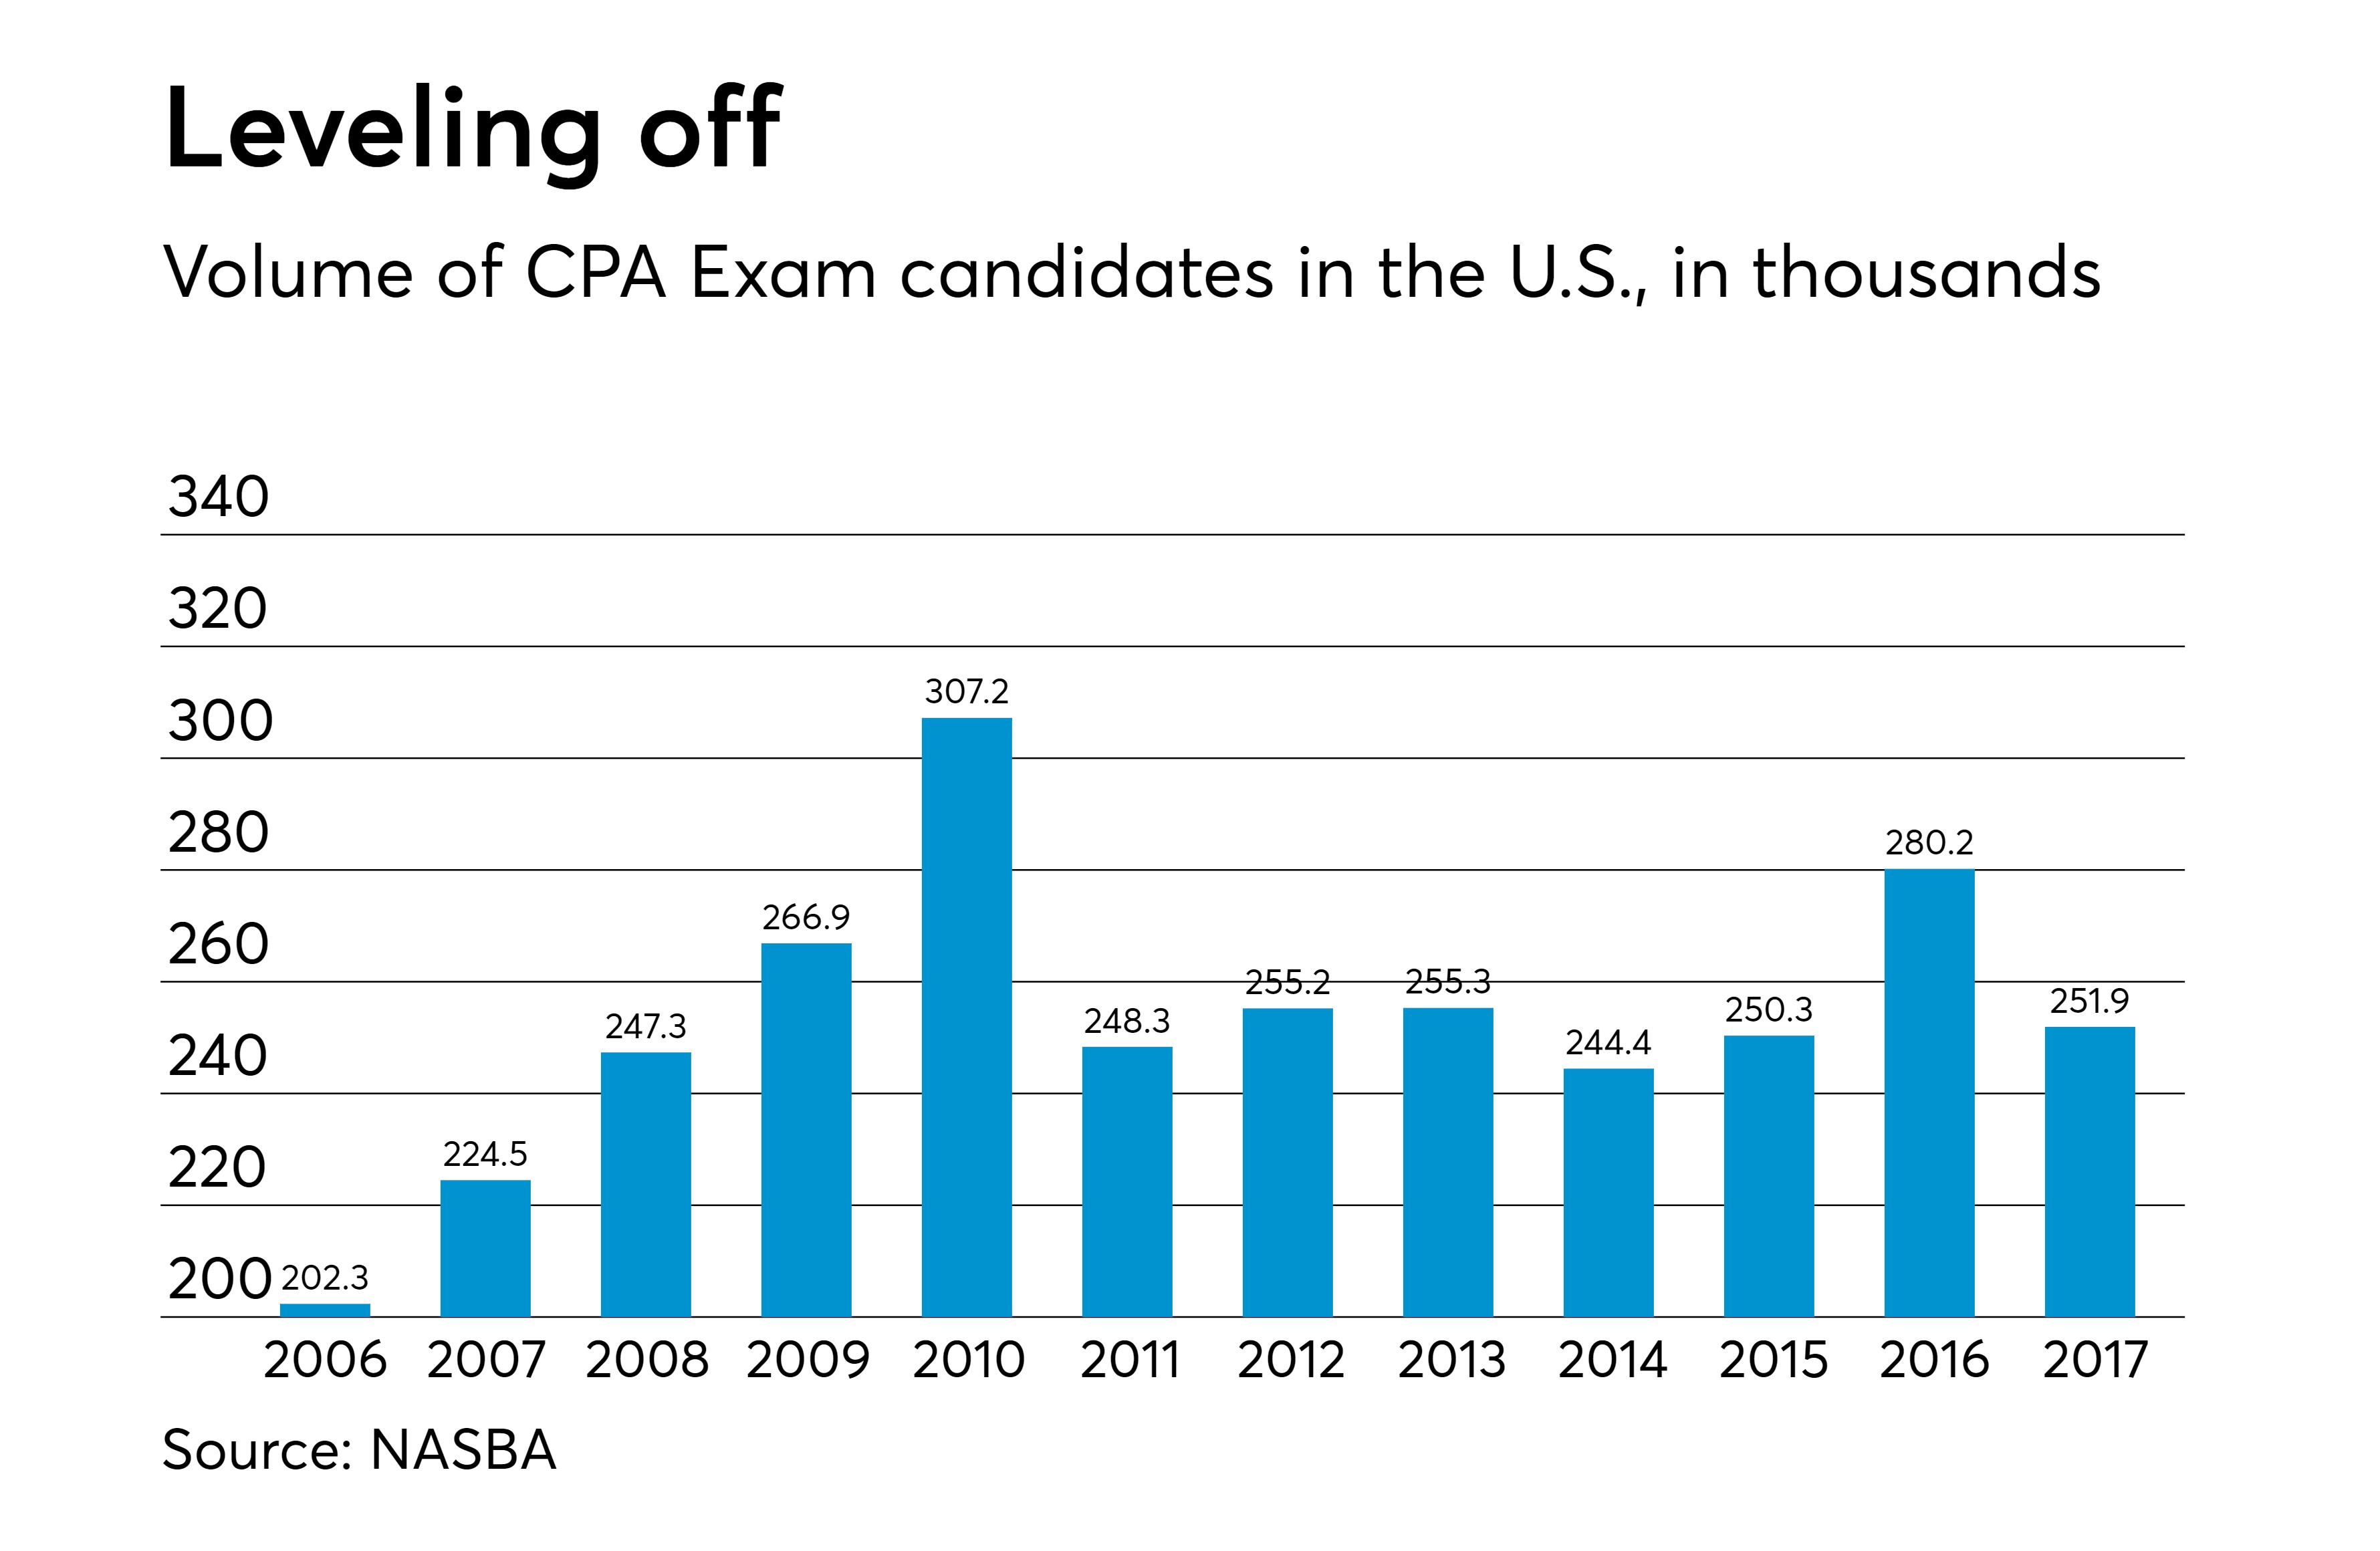 https://assets.sourcemedia.com/f1/c4/ebdd819d48d1b881a98c1325024d/at-103017-cpa-exam-candidates.png